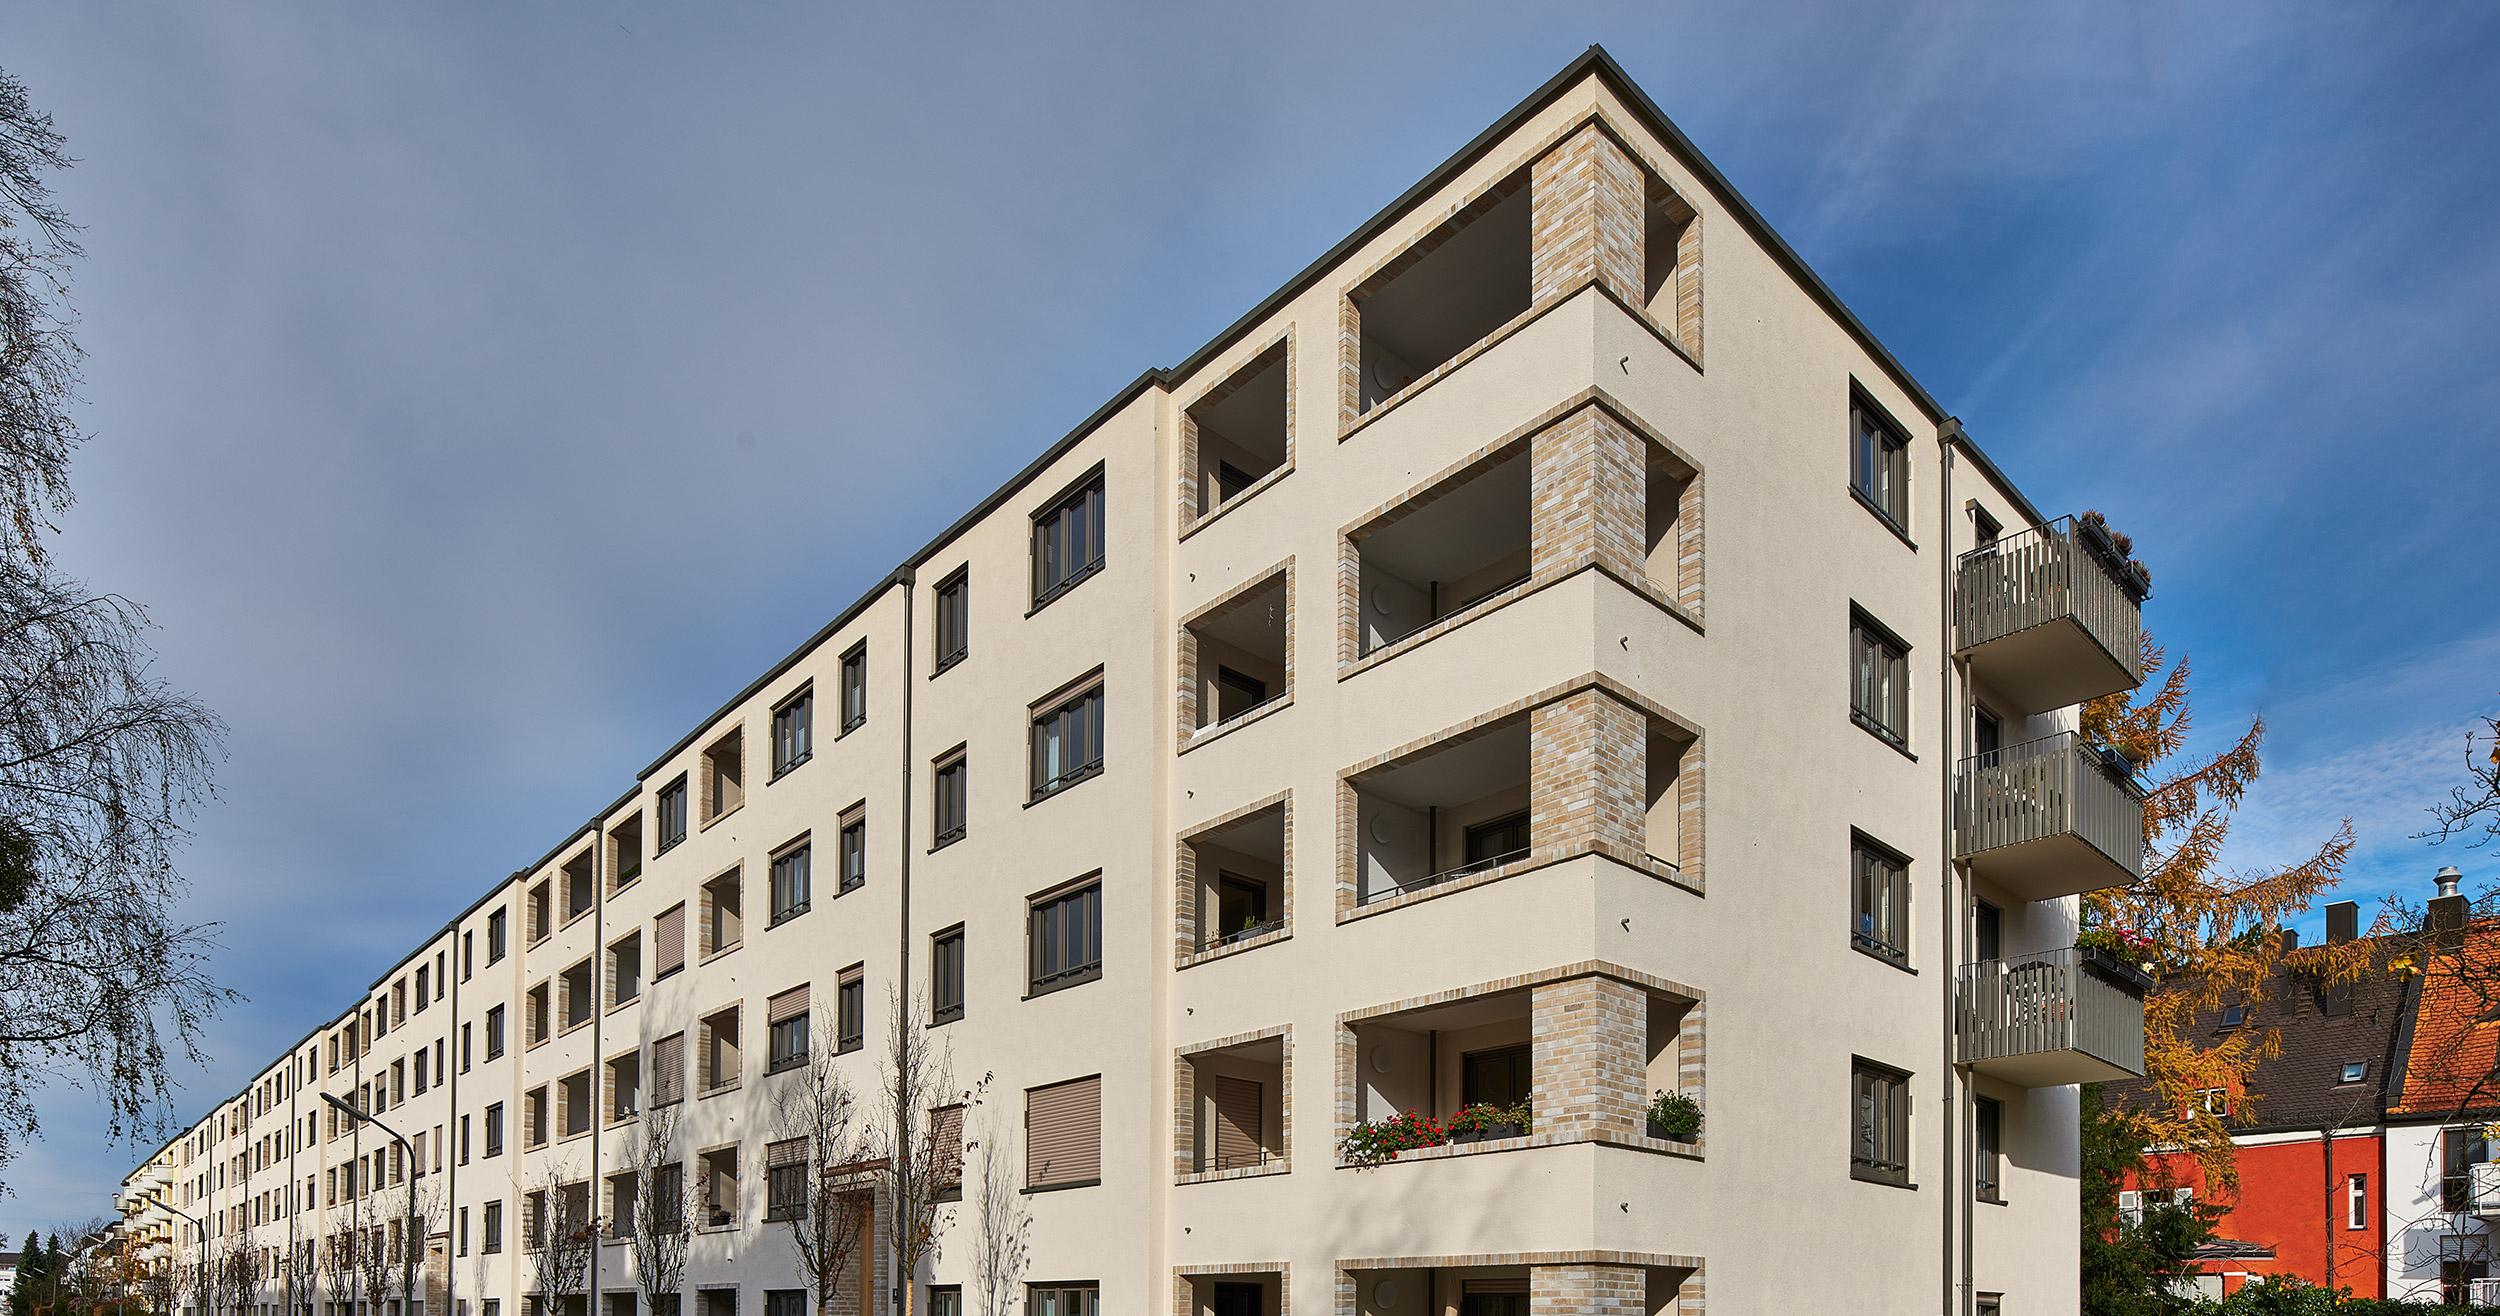 Wohnhaus De La Paz in München